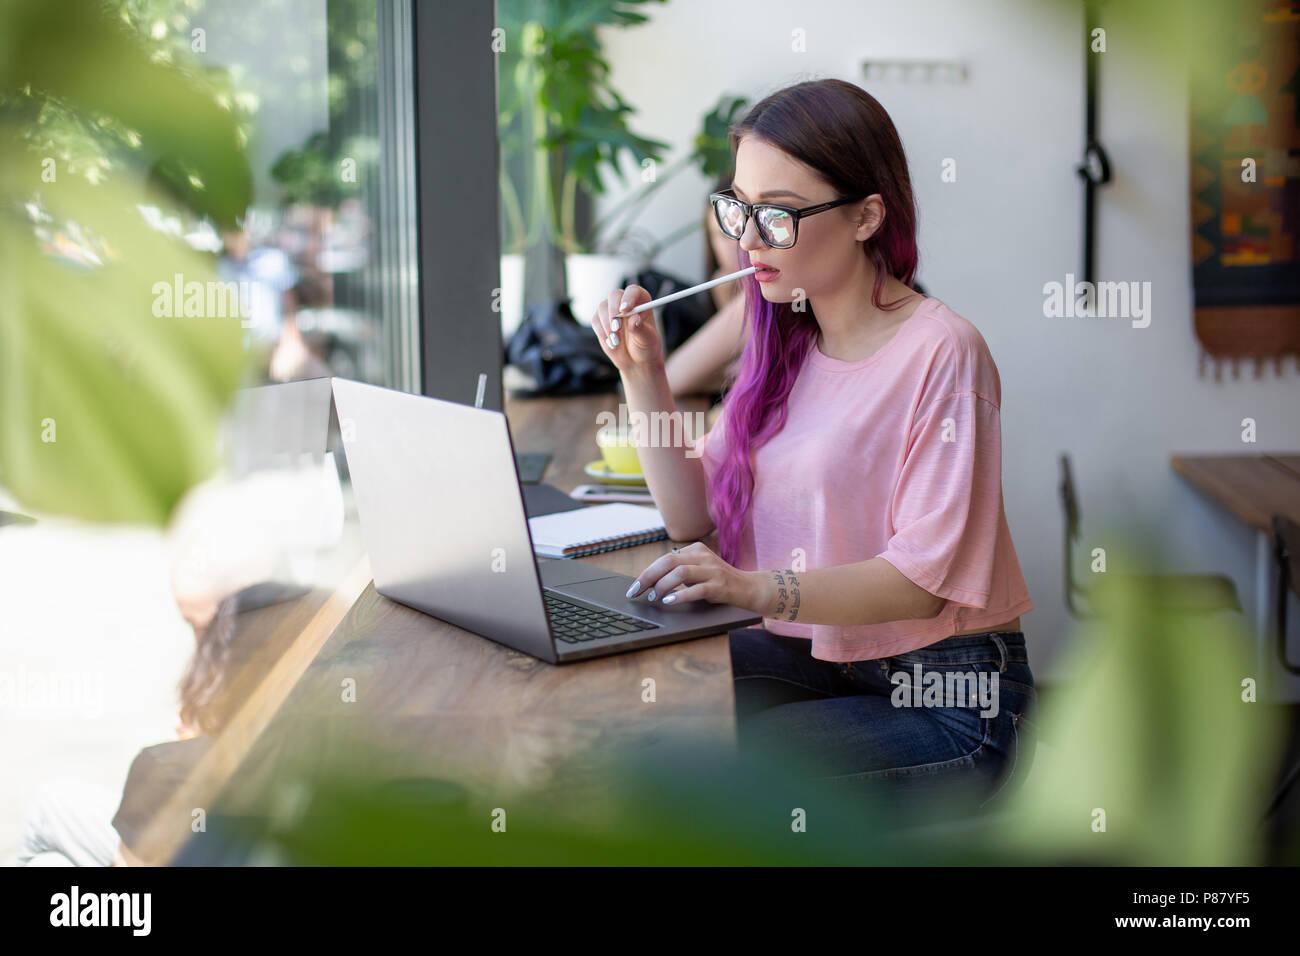 Vista laterale del giovane imprenditrice seduta a tavola in coffee shop. Sul tavolo tazza di caffè e laptop. In Sfondo bianco parete e finestra. Immagini Stock